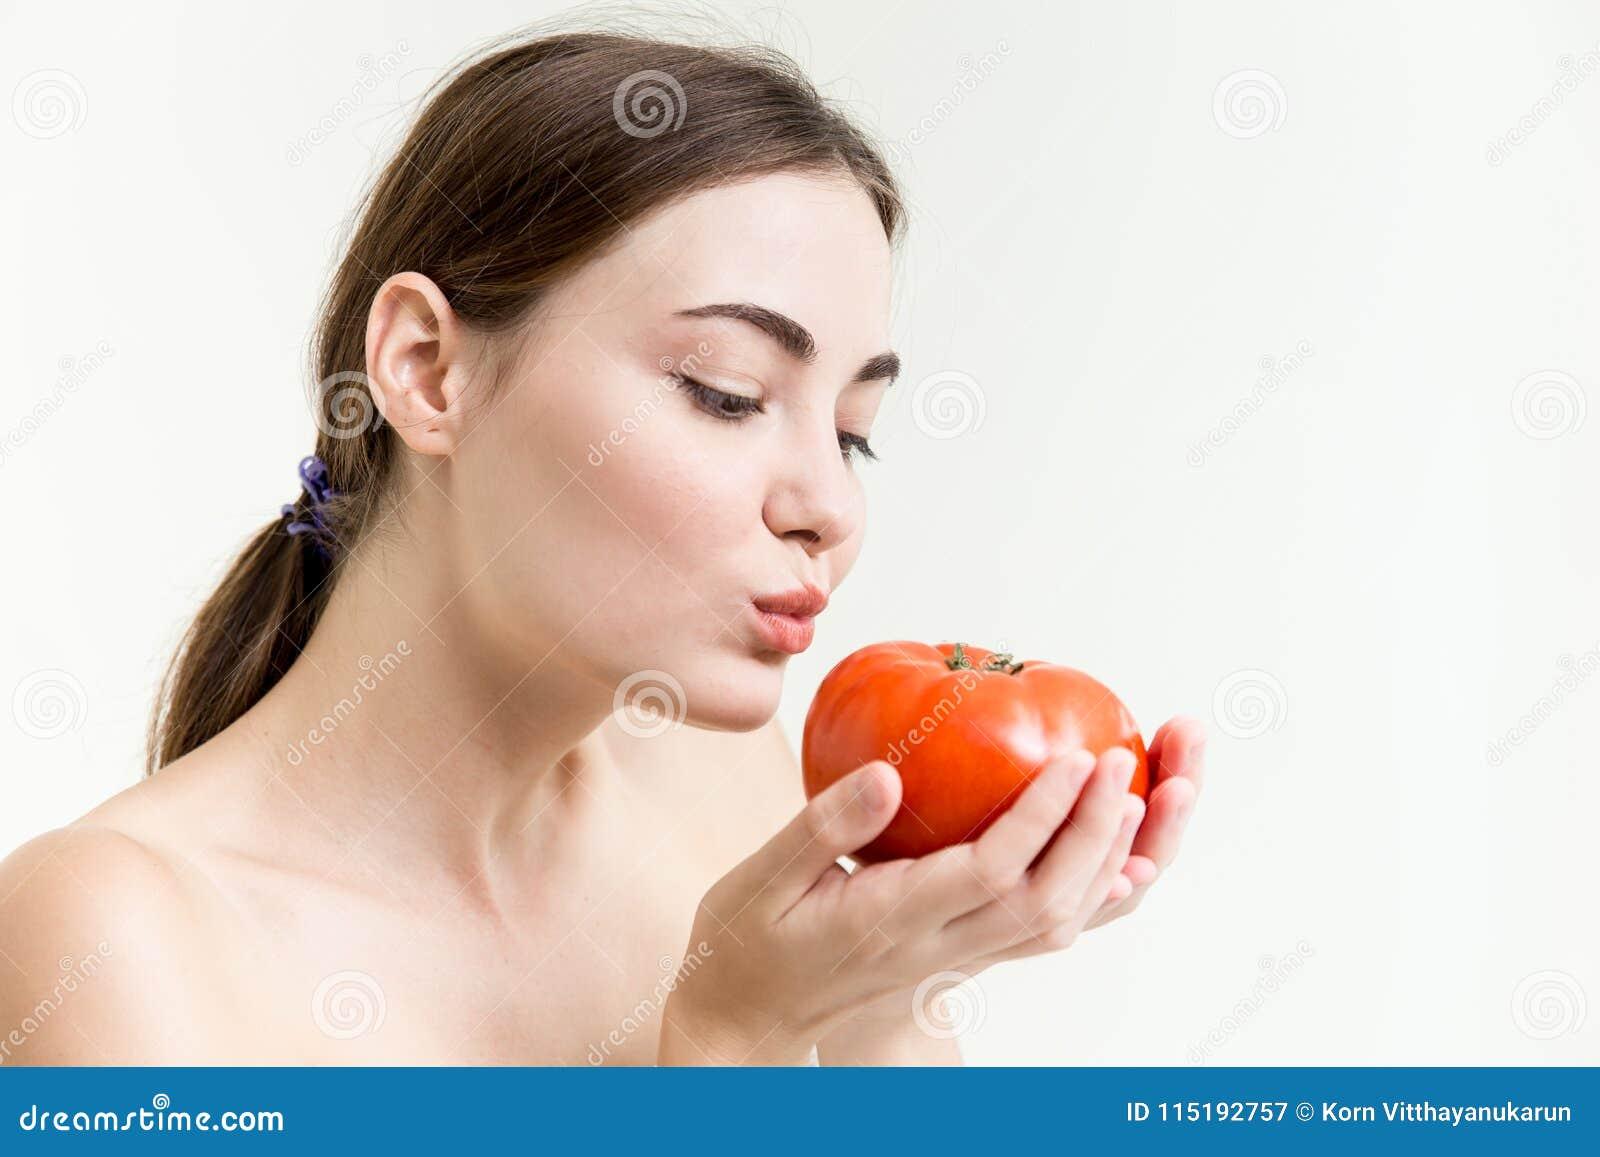 Фотографии красивых девушек где они целуются 2